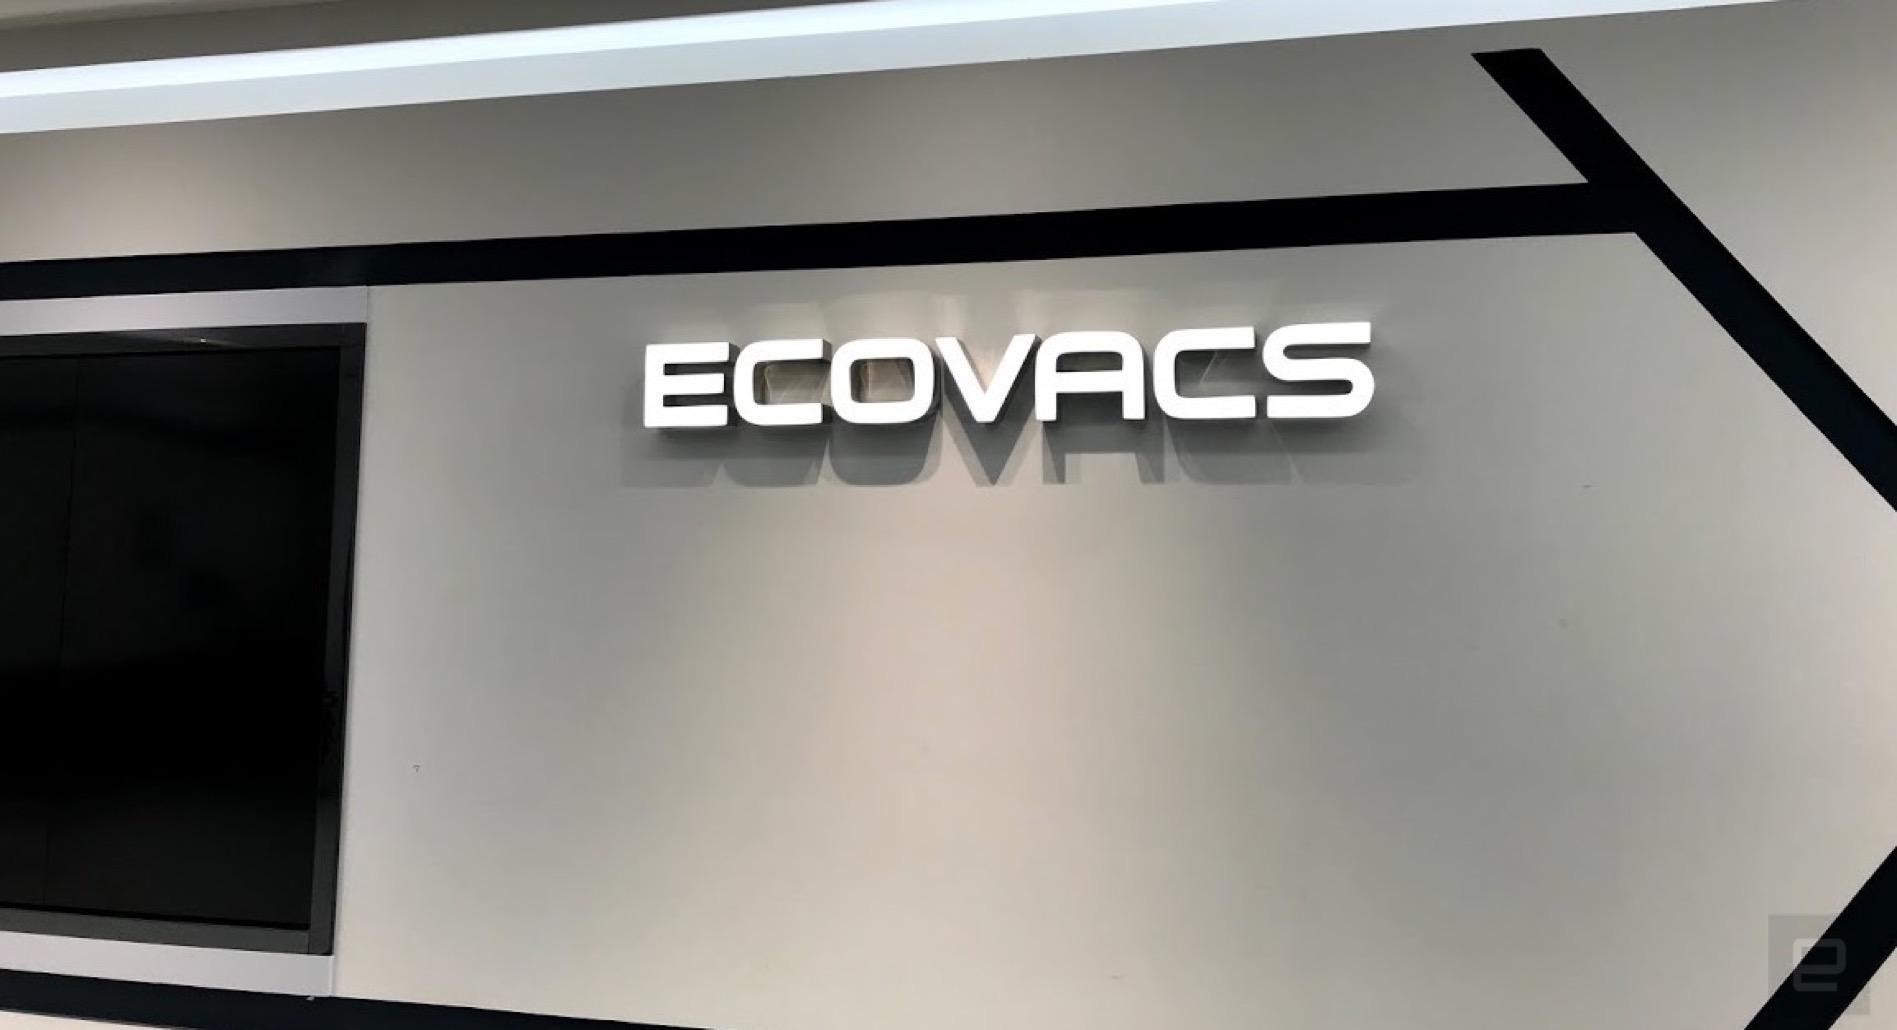 Dentro de Ecovacs, la compañía de aspiradoras inteligentes más grande de China